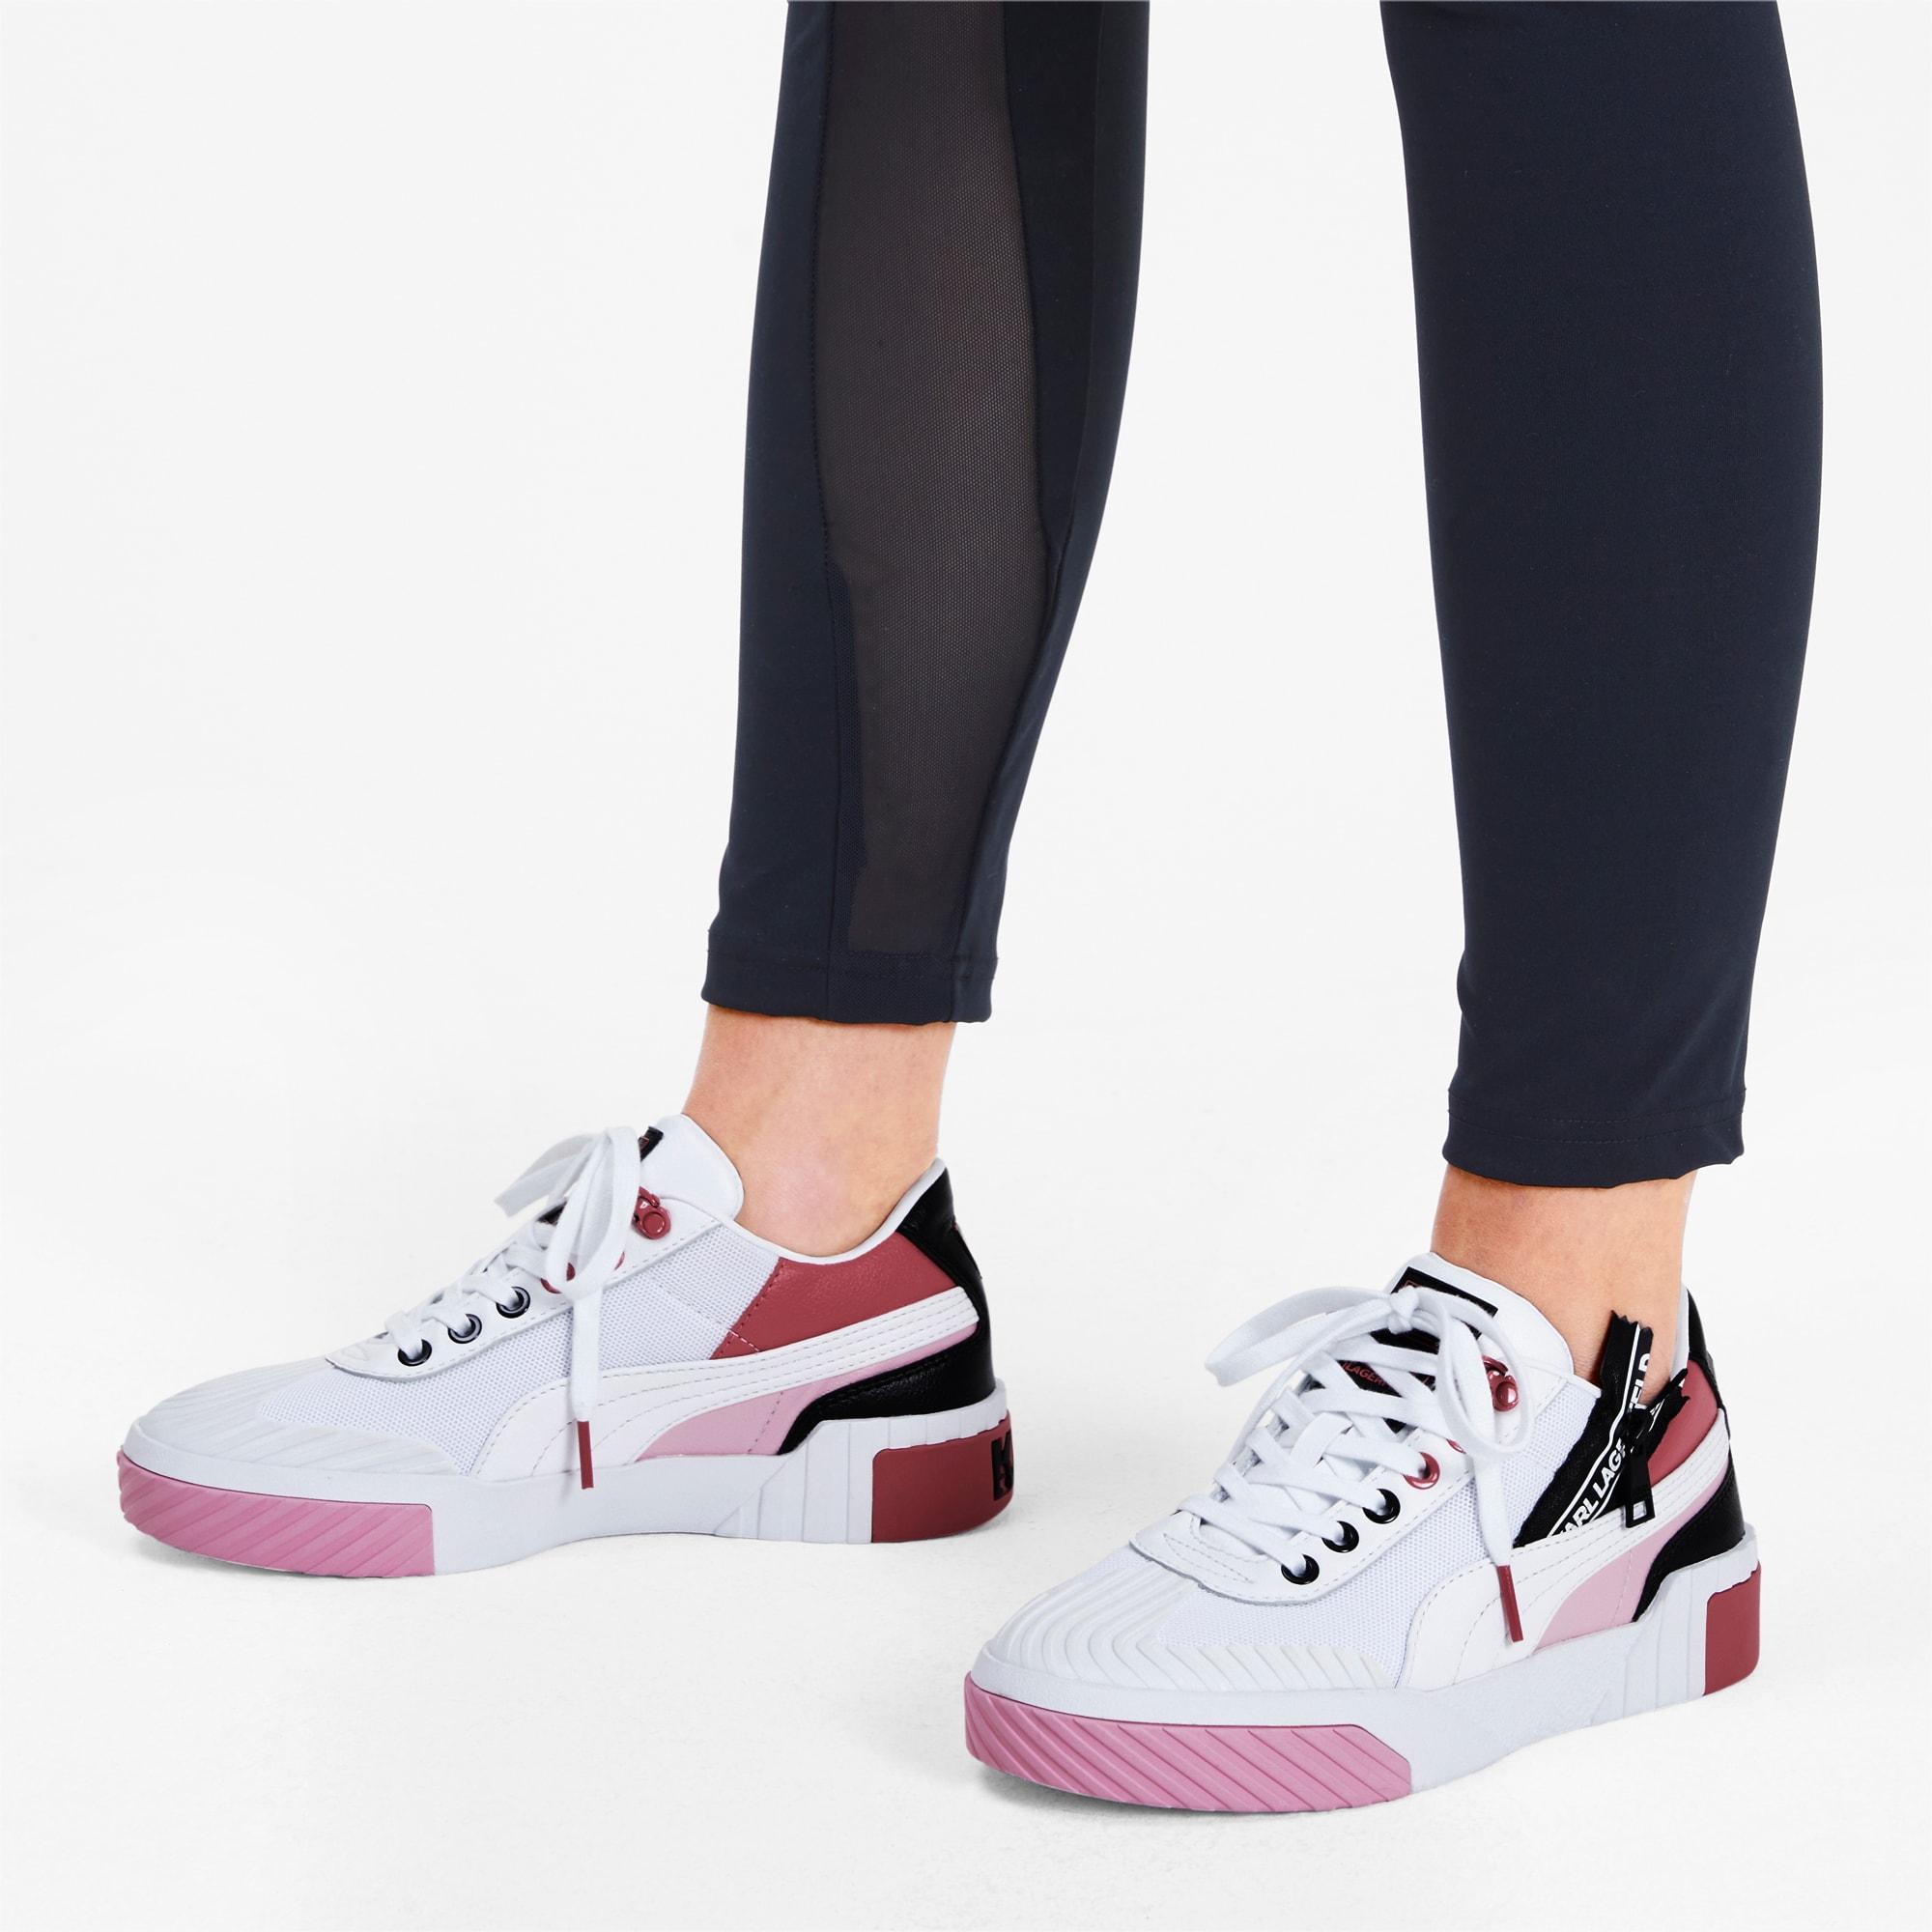 karl lagerfeld puma shoes